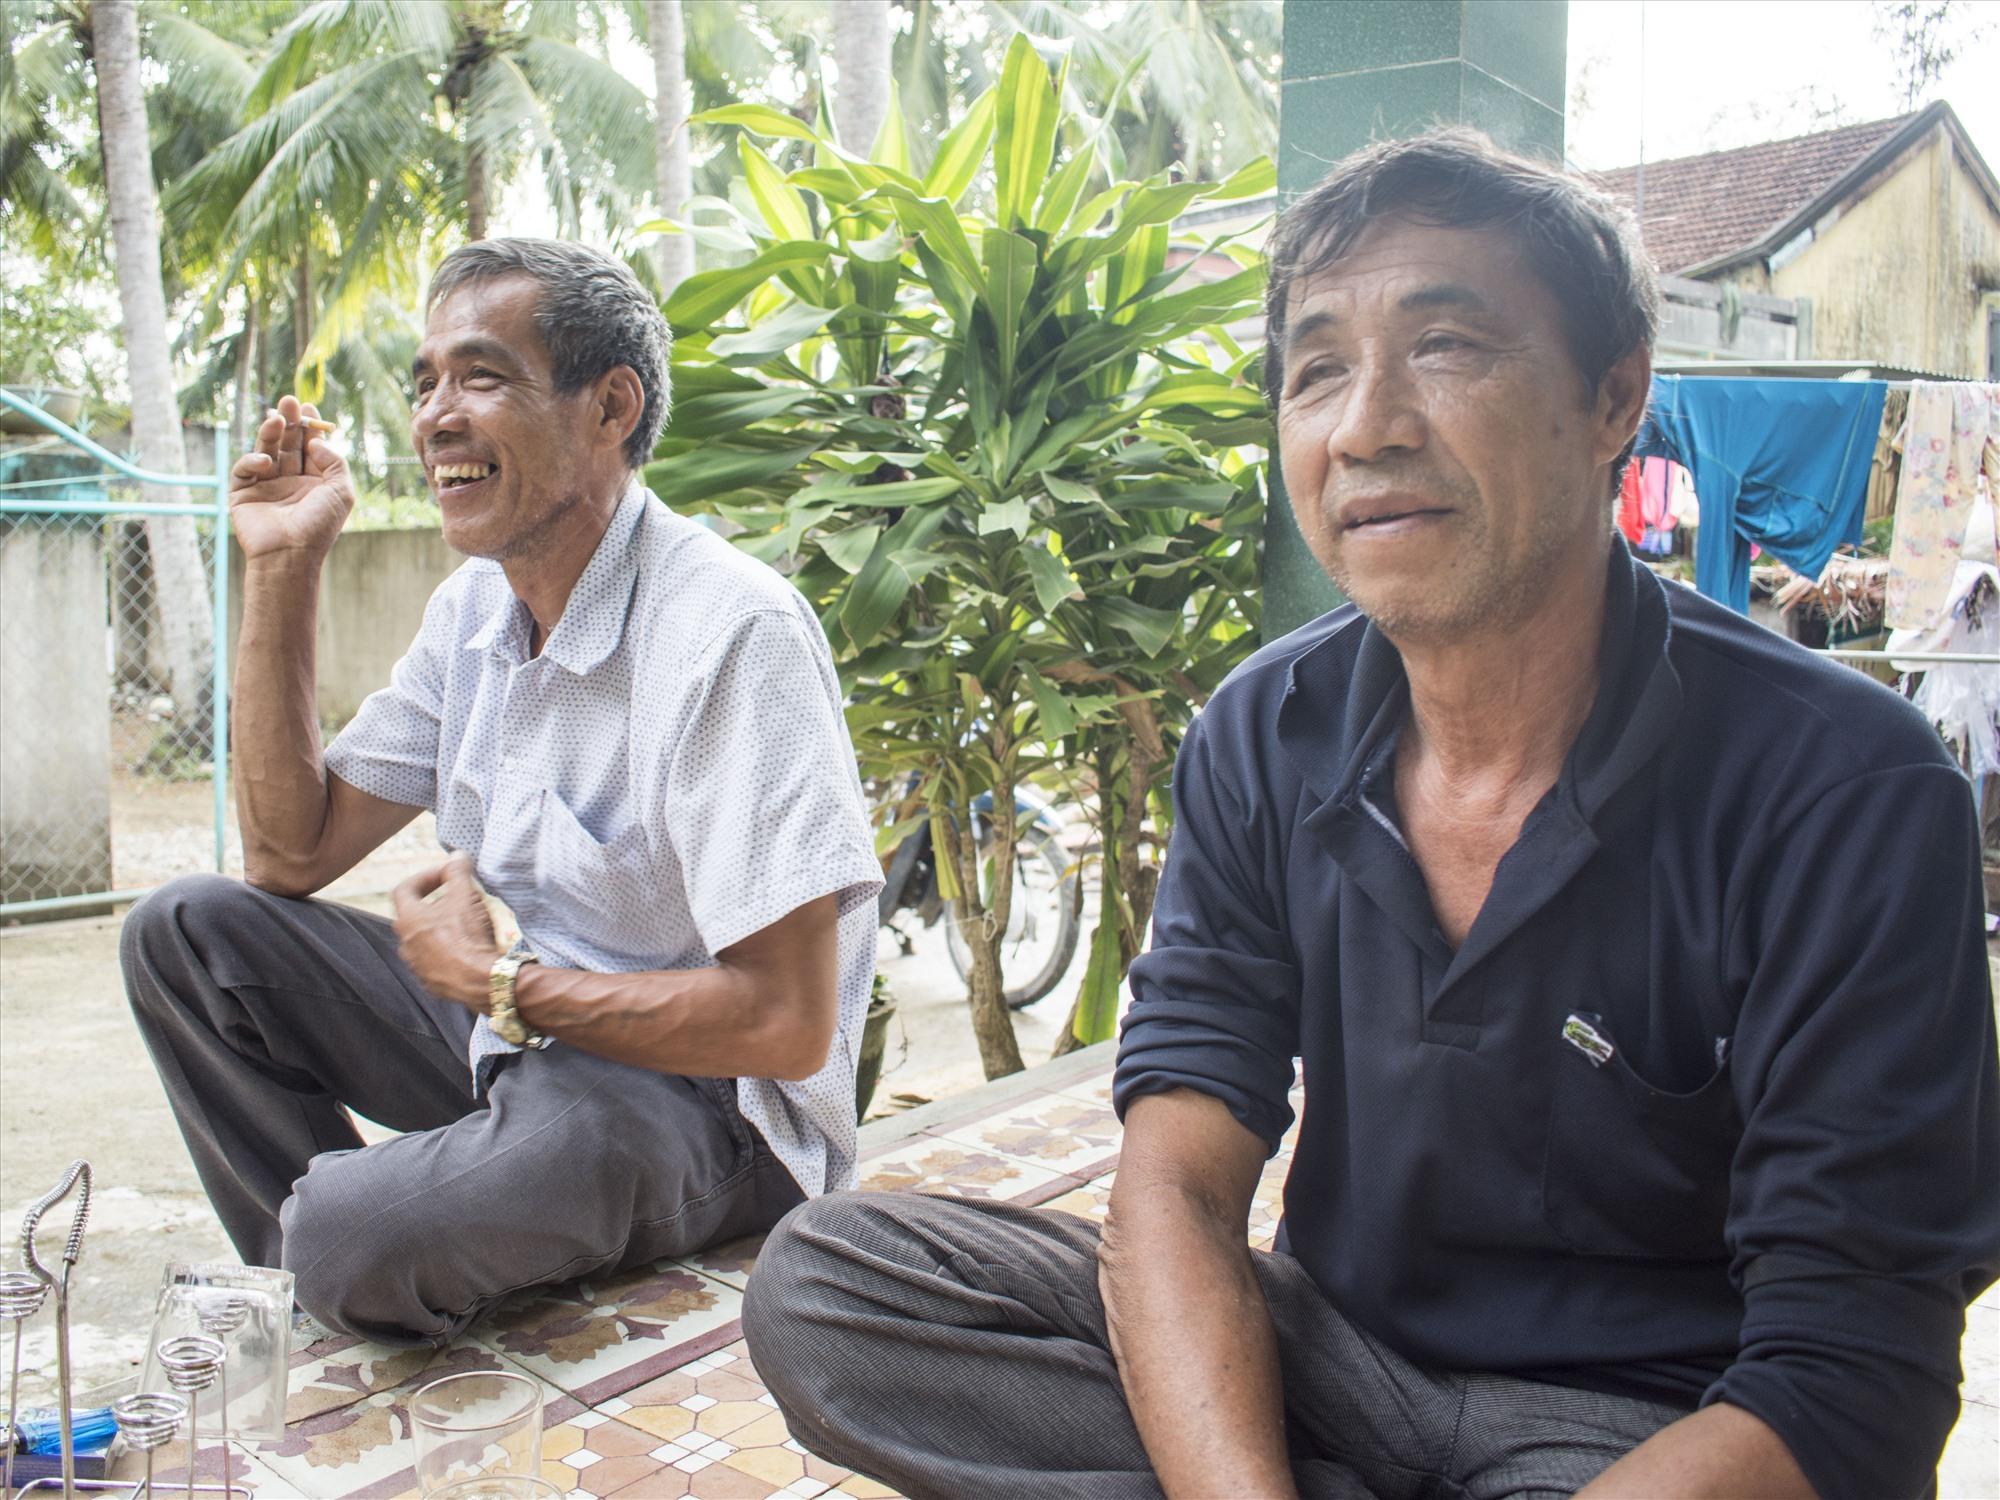 Ngư dân Huỳnh Sanh (bên phải) và người em trai Huỳnh Hiệp. Ảnh: VĂN CHƯƠNG